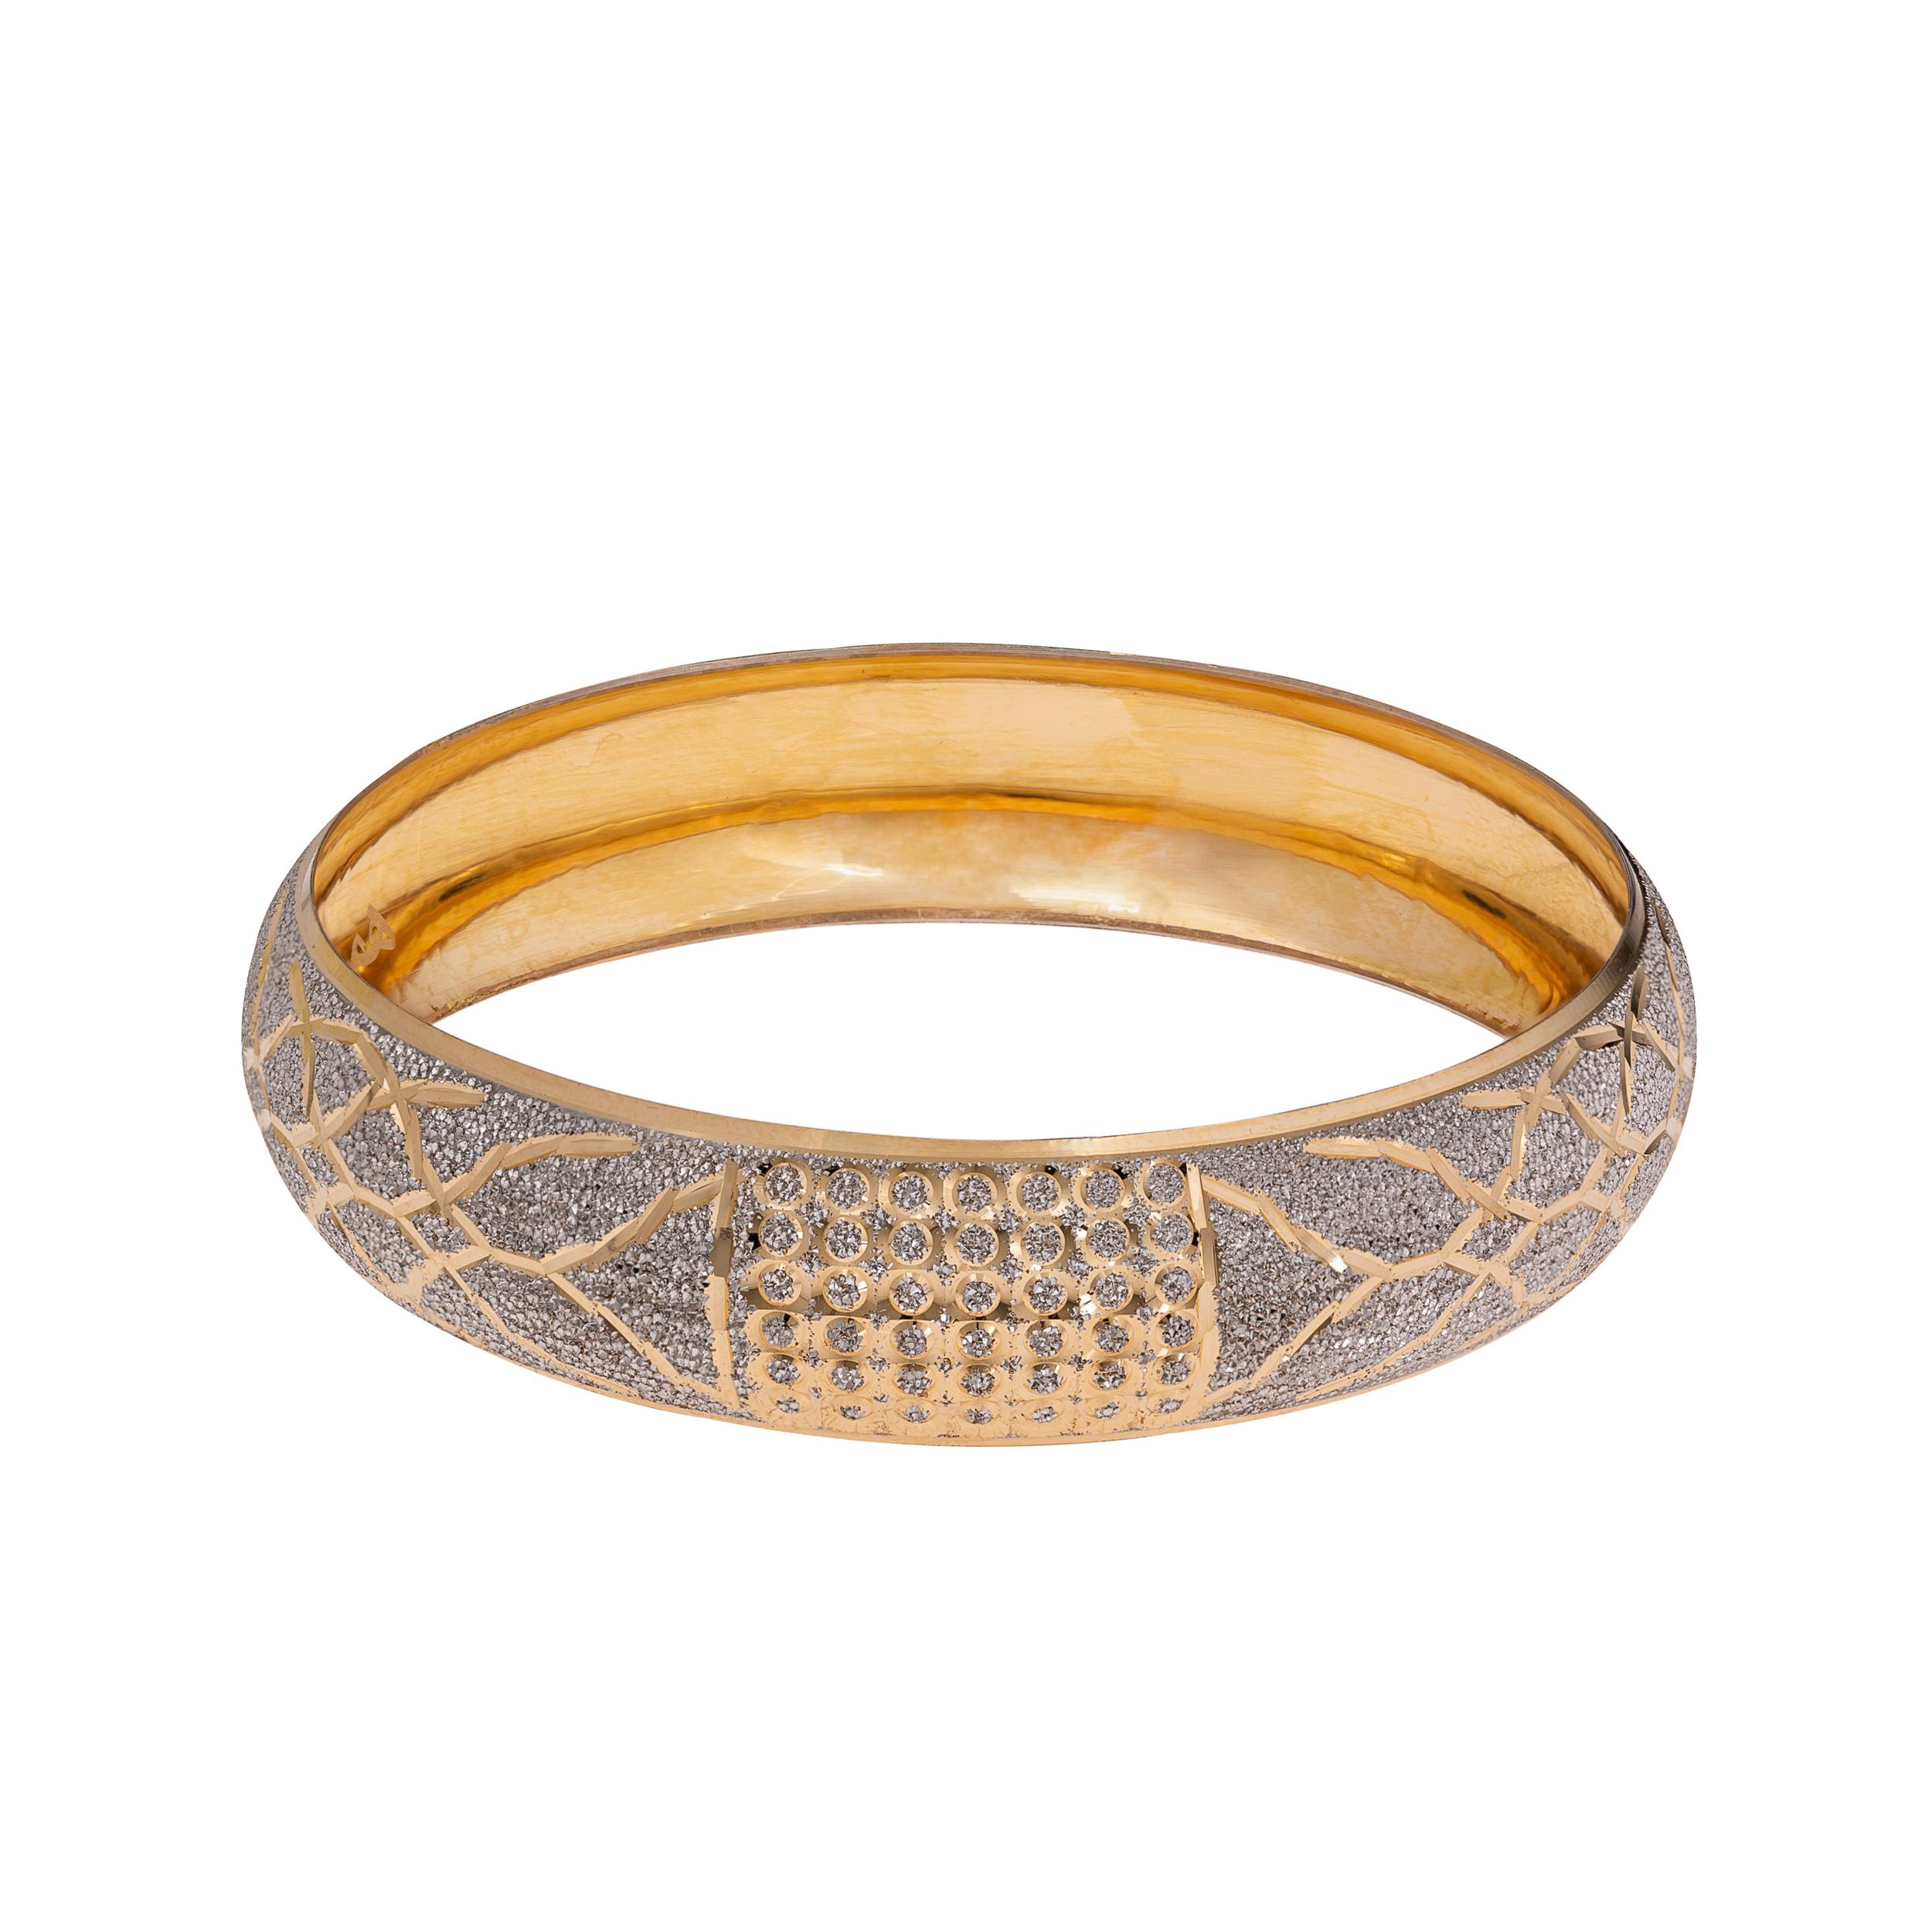 النگو طلا 18 عیار زنانه گالری یارطلا  کد AL34-W-2